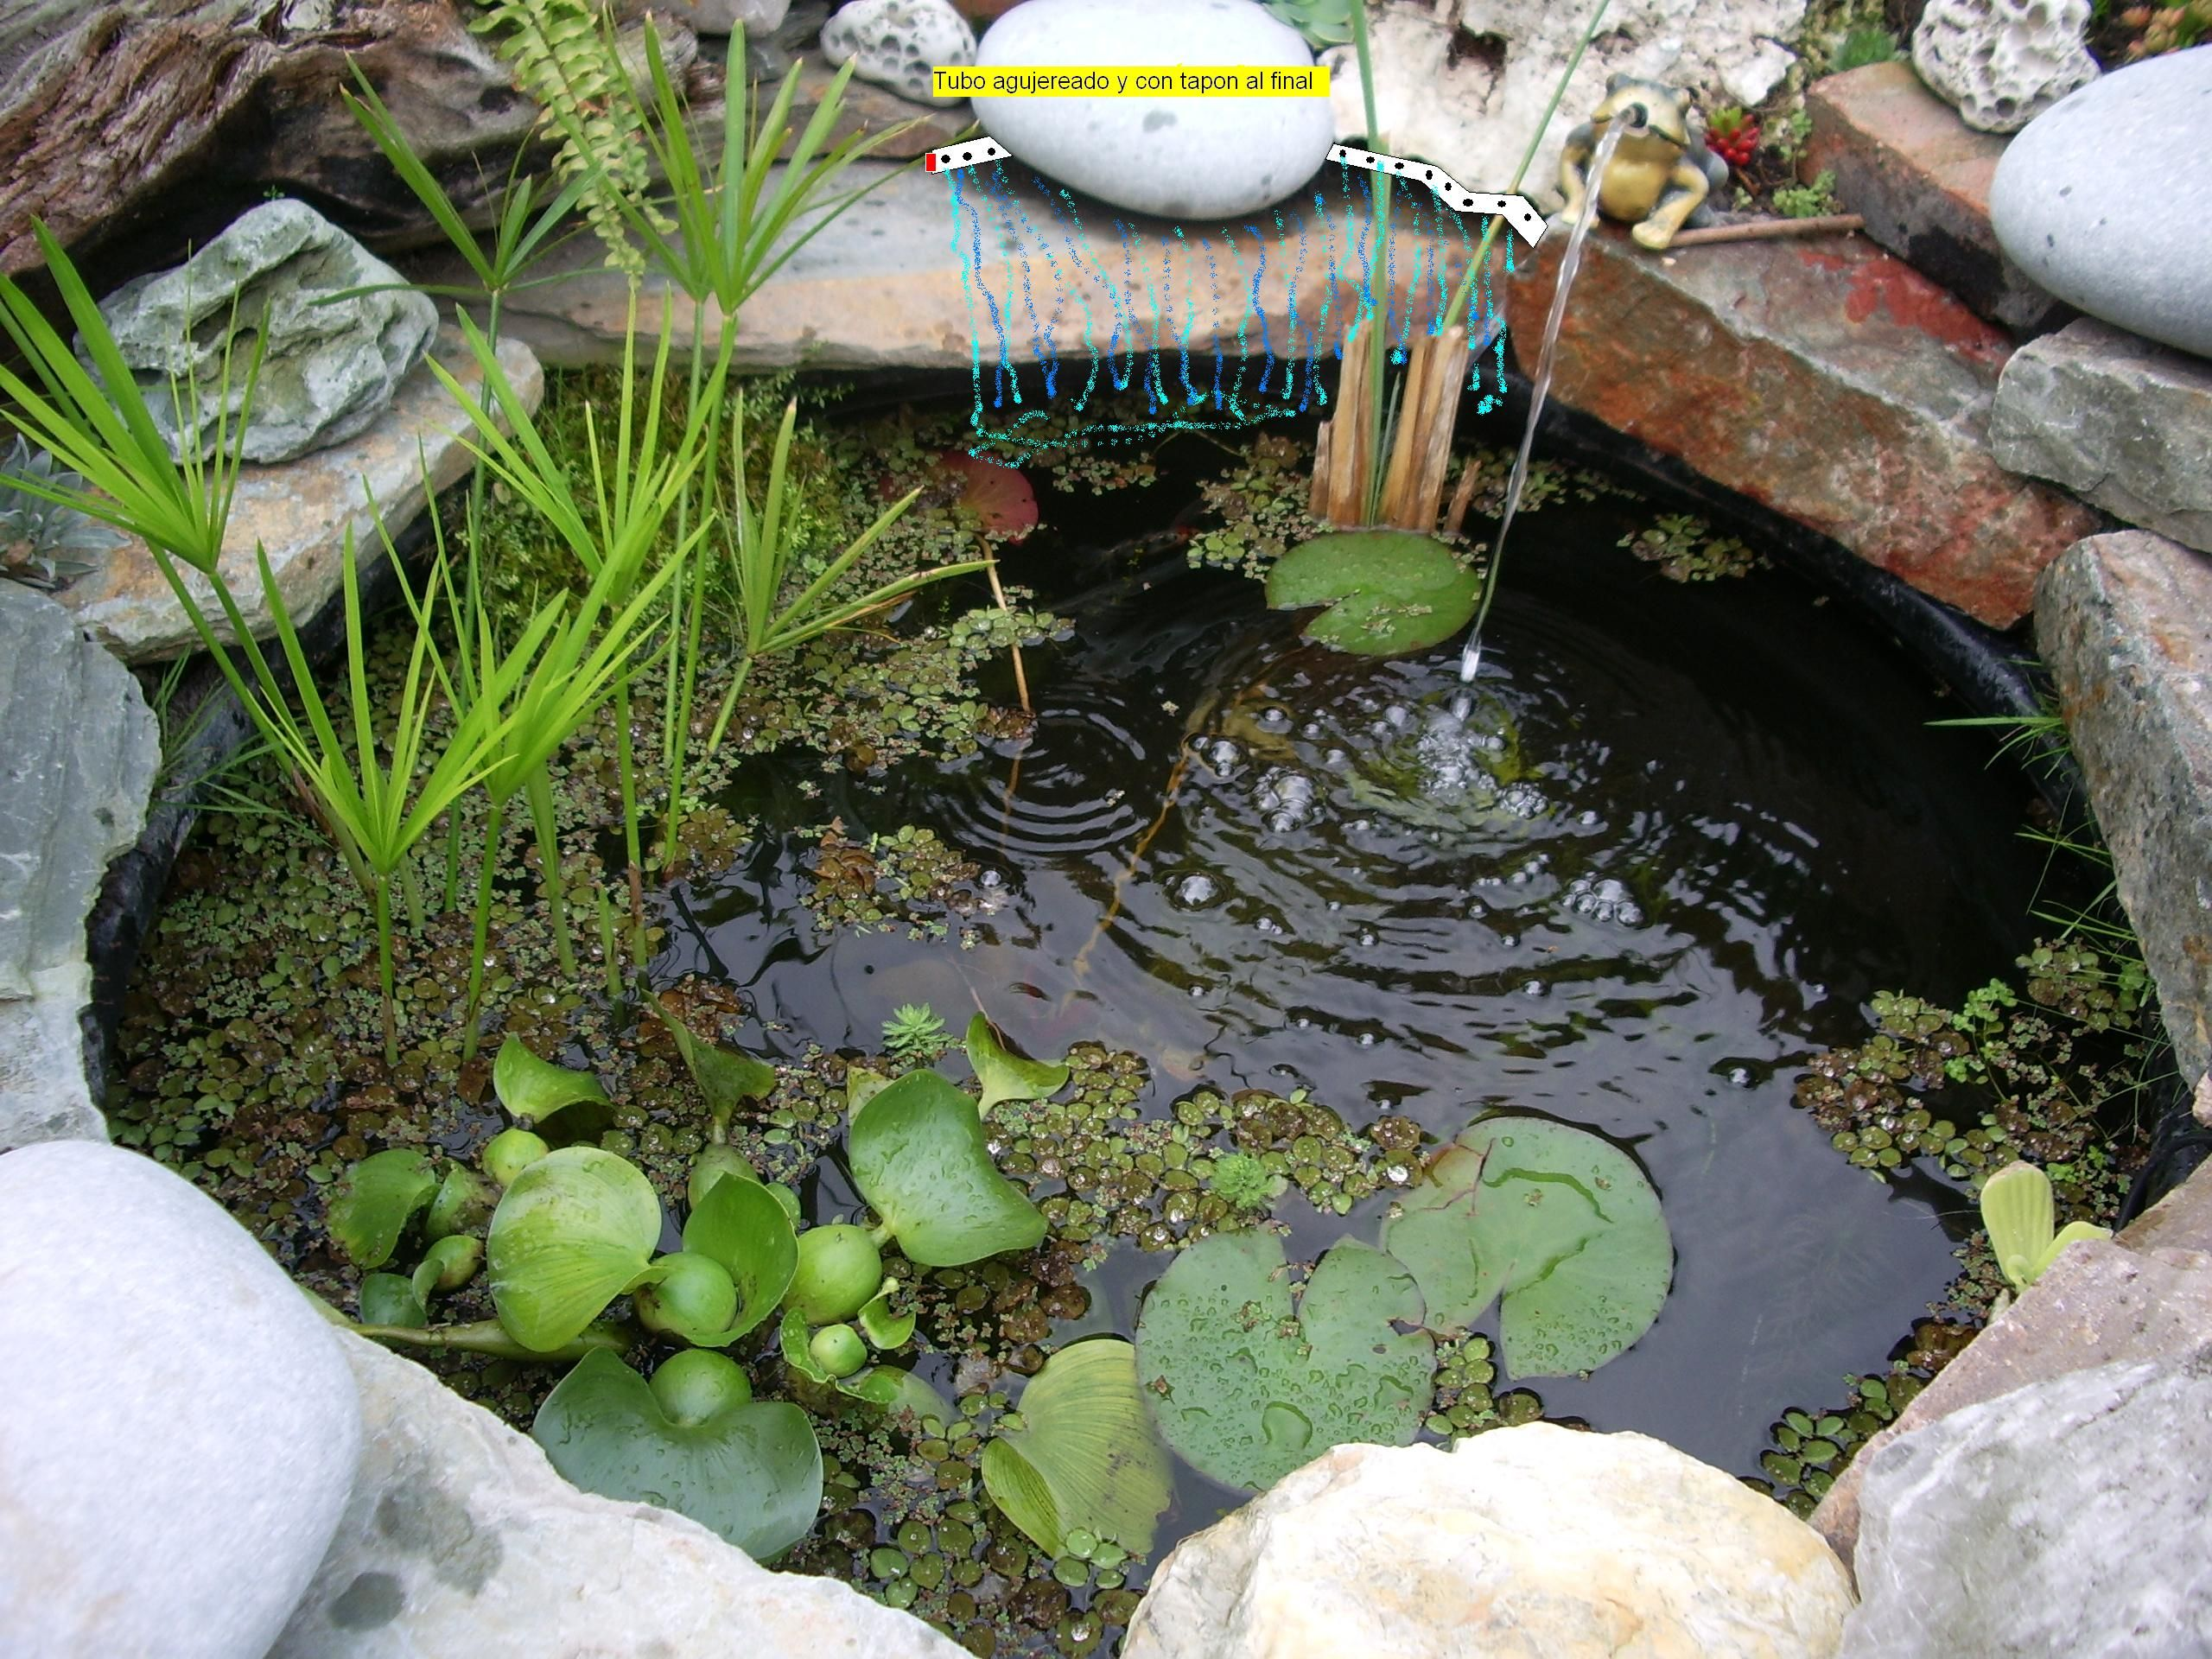 Ver tema hacer una cascada casera for Como hacer un estanque para peces casero